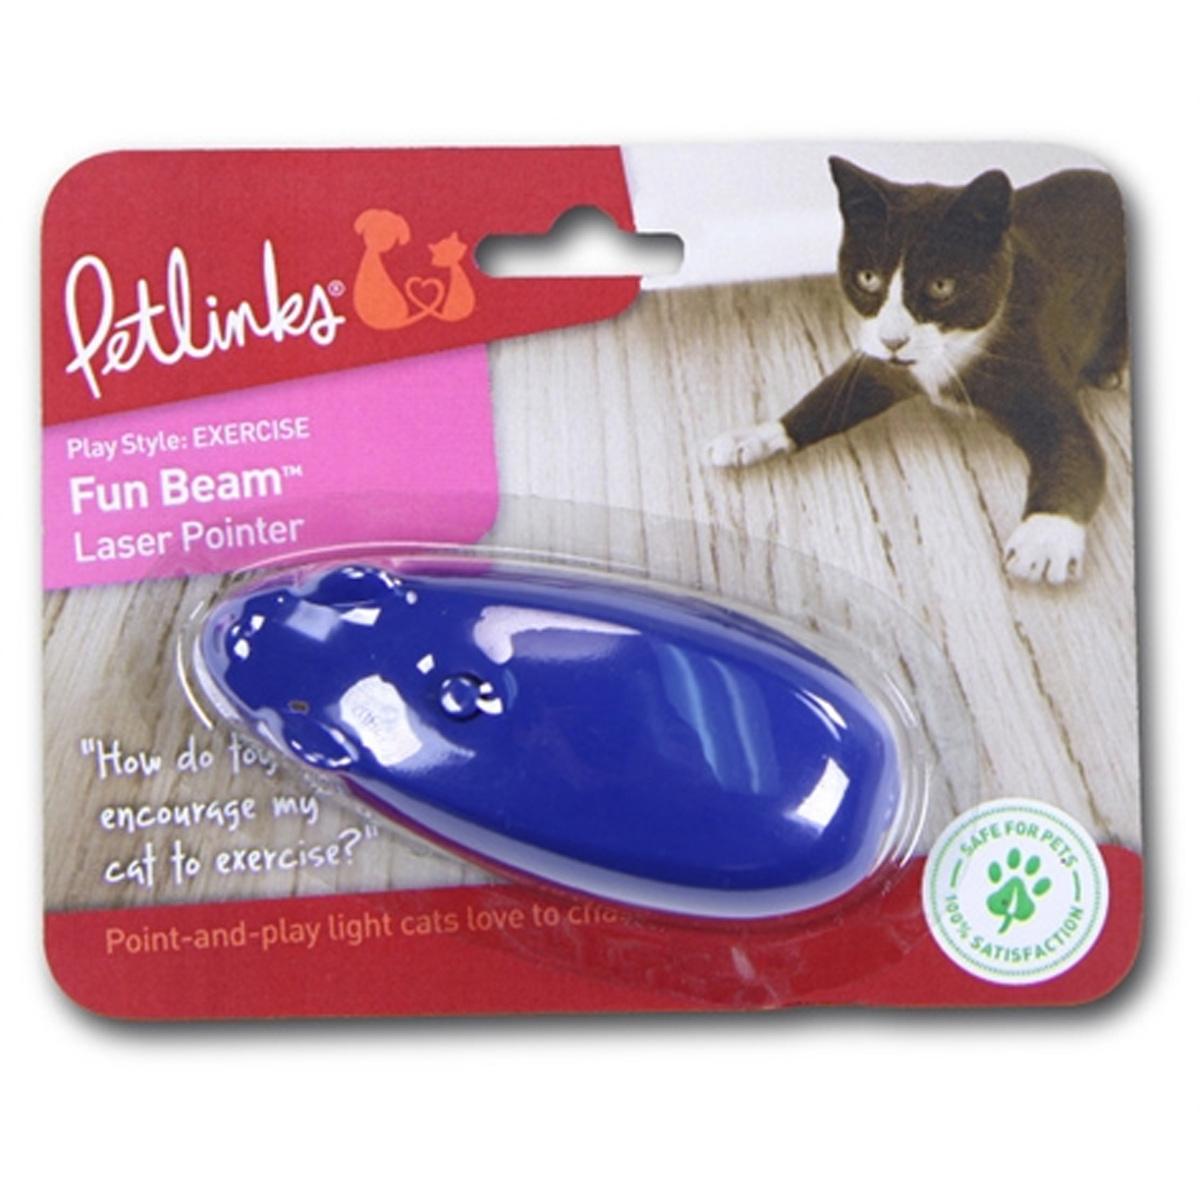 Petlinks FunBeam Laser Cat Toy